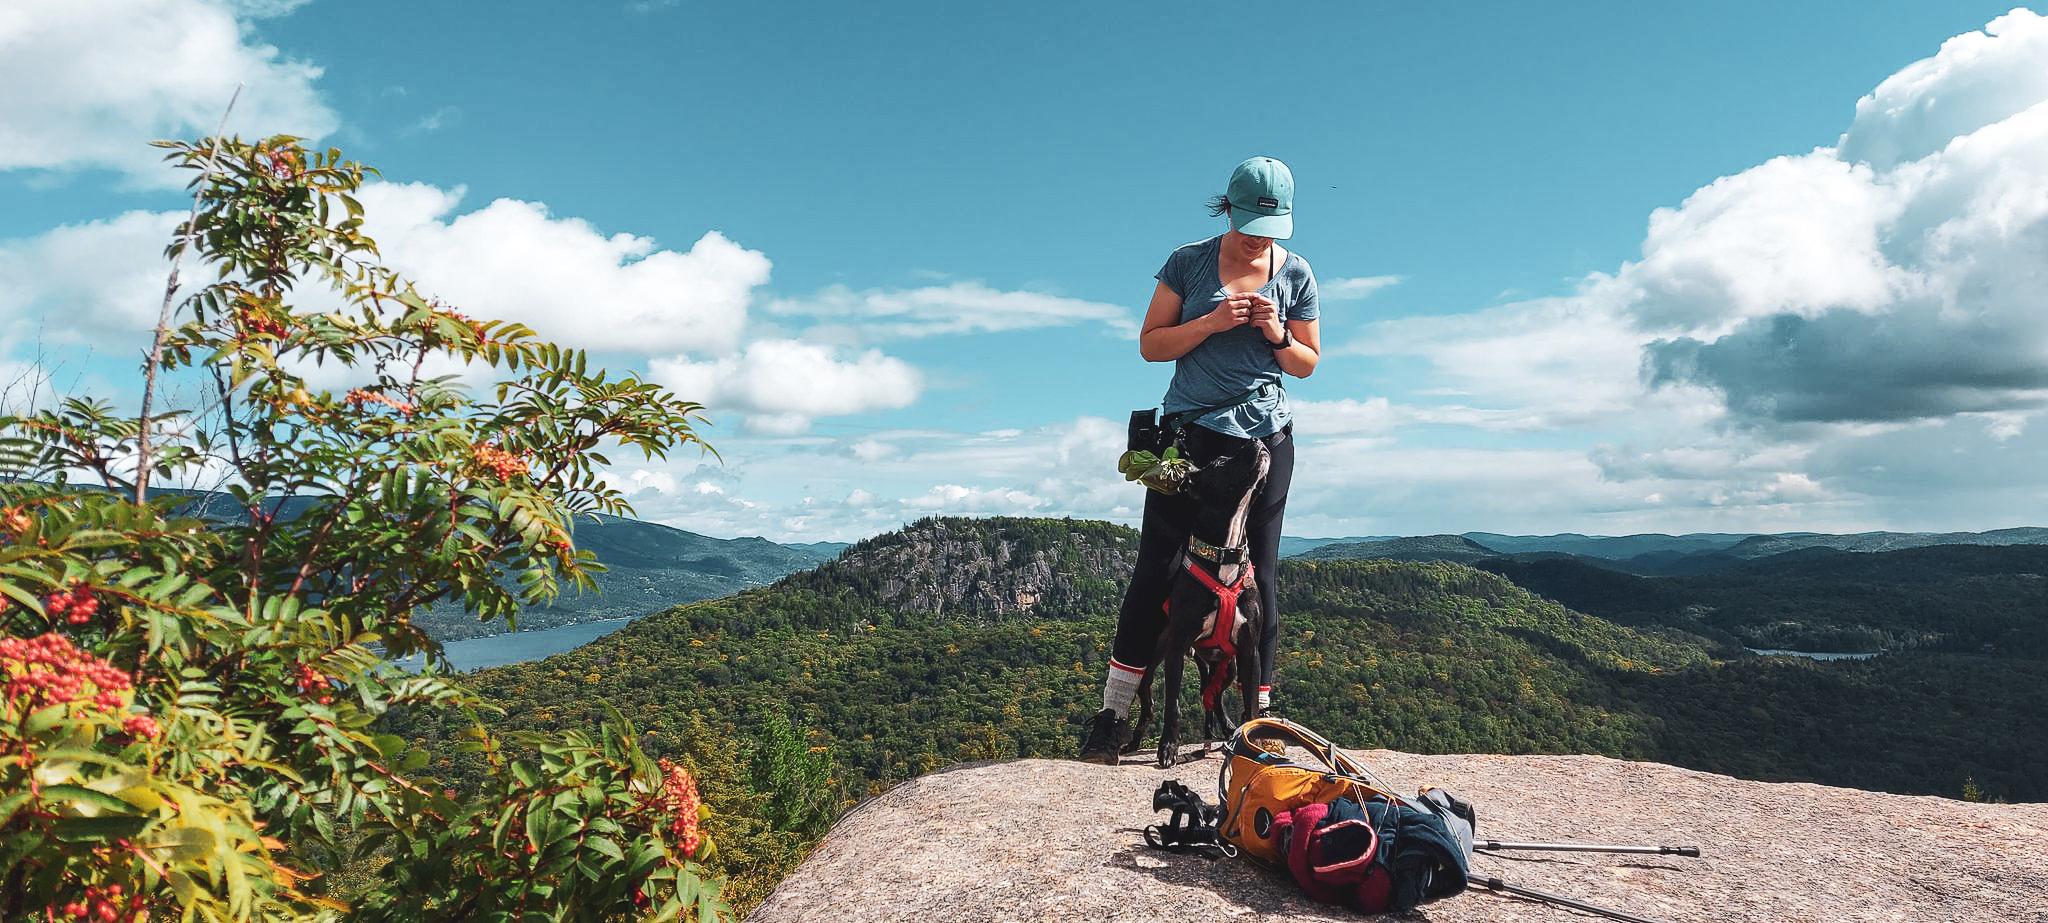 Au sommet de la montagne, sur un cap rocheux, Enzo se trouve entre les jambes d'Audrée et regarde vers le haut. Audrée regarde aussi Enzo. Au loin se trouvent d'autres montagnes et une rivière.